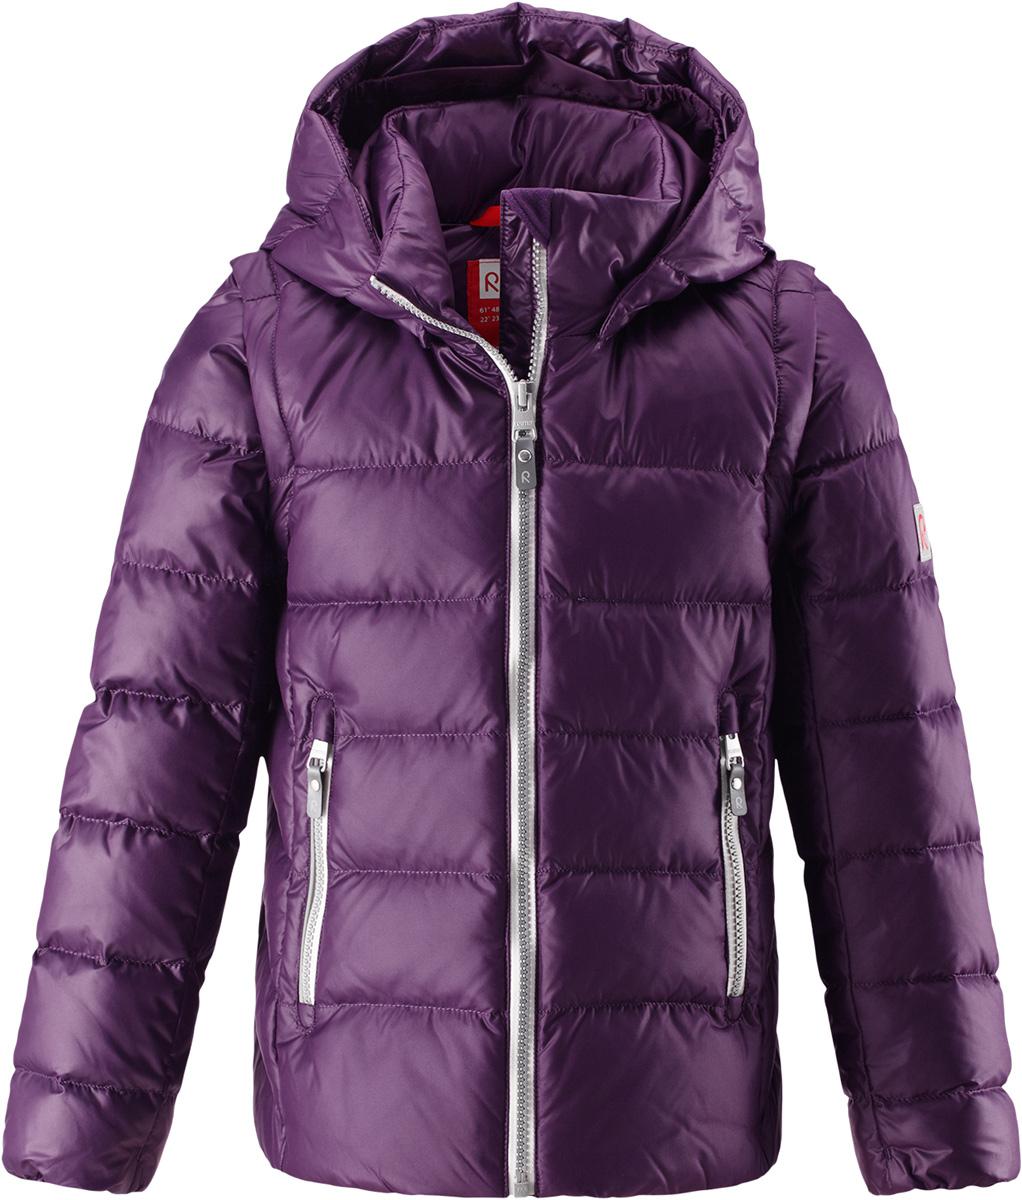 Пуховик для девочки Reima Minna, цвет: лиловый. 5312905930. Размер 1285312905930Очень легкая, но при этом теплая и практичная слегка удлиненная куртка для подростков в одно мгновение превращается в жилетку. Эта практичная куртка снабжена утеплителем из пуха и пера. Куртку с гладкой подкладкой из полиэстера легко надевать и очень удобно носить. В теплую погоду стоит лишь отстегнуть рукава, и куртка превратится в жилетку. Наденьте ее с удобной кофтой, и у вас получится модный и стильный наряд. А когда на улице похолодает, жилетку можно поддевать в качестве промежуточного слоя. Куртка оснащена съемным капюшоном, что обеспечивает дополнительную безопасность во время активных прогулок – капюшон легко отстегивается, если случайно за что-нибудь зацепится. Есть два кармана на молнии для мобильного телефона и других ценных мелочей. Эту модель для девочек довершают практичные детали: длинная молния высокого качества и светоотражающие элементы.Средняя степень утепления.